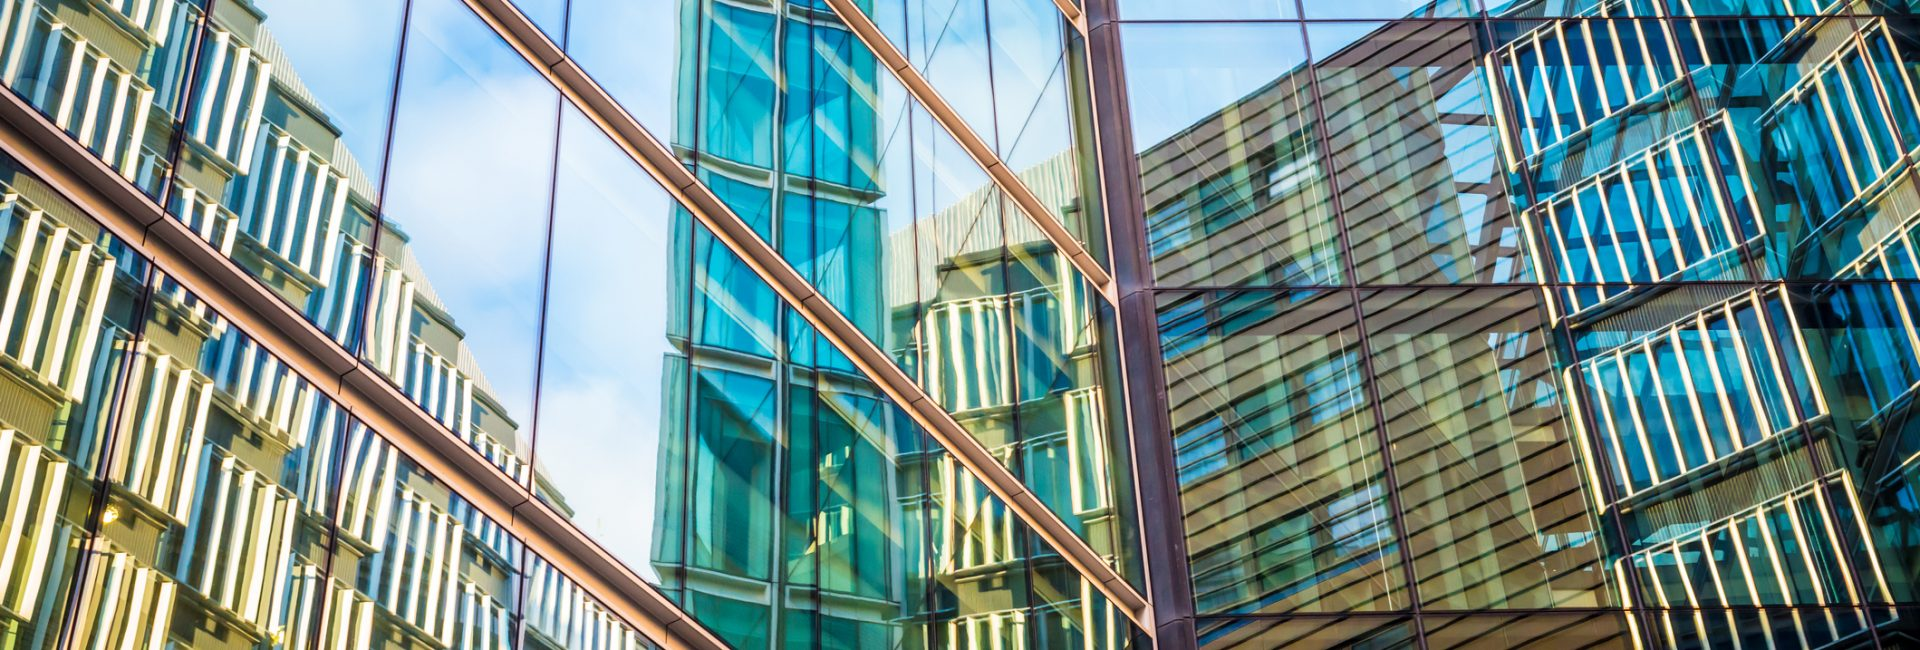 Modern Office Buildings, London.